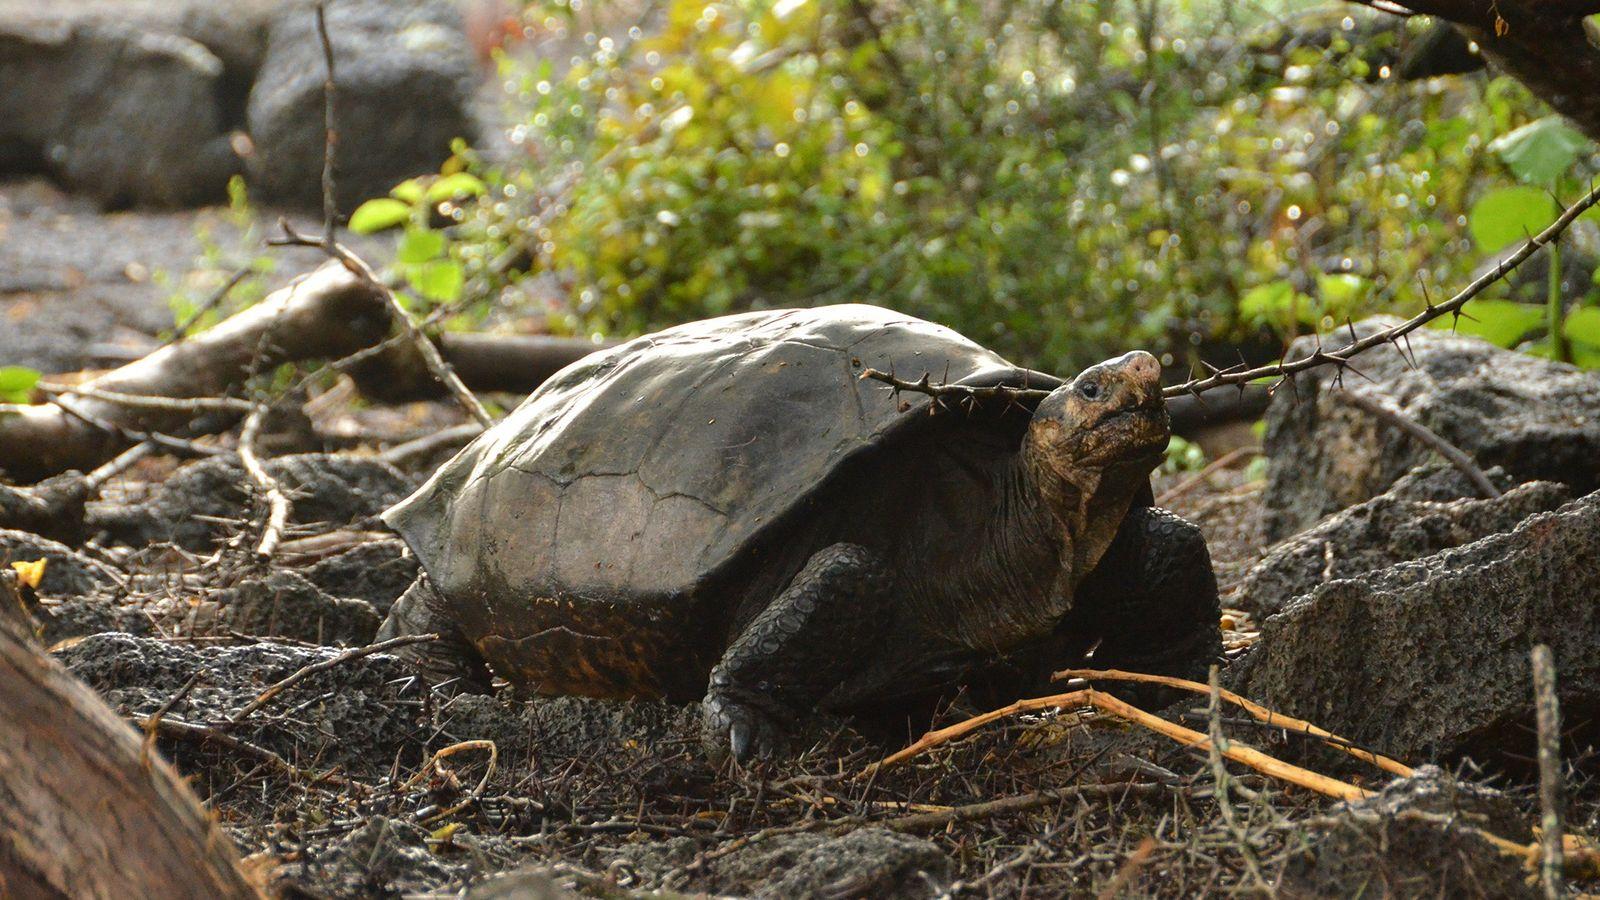 A tartaruga-gigante-de-Fernandina havia sido confirmada viva pela última vez em 1906.